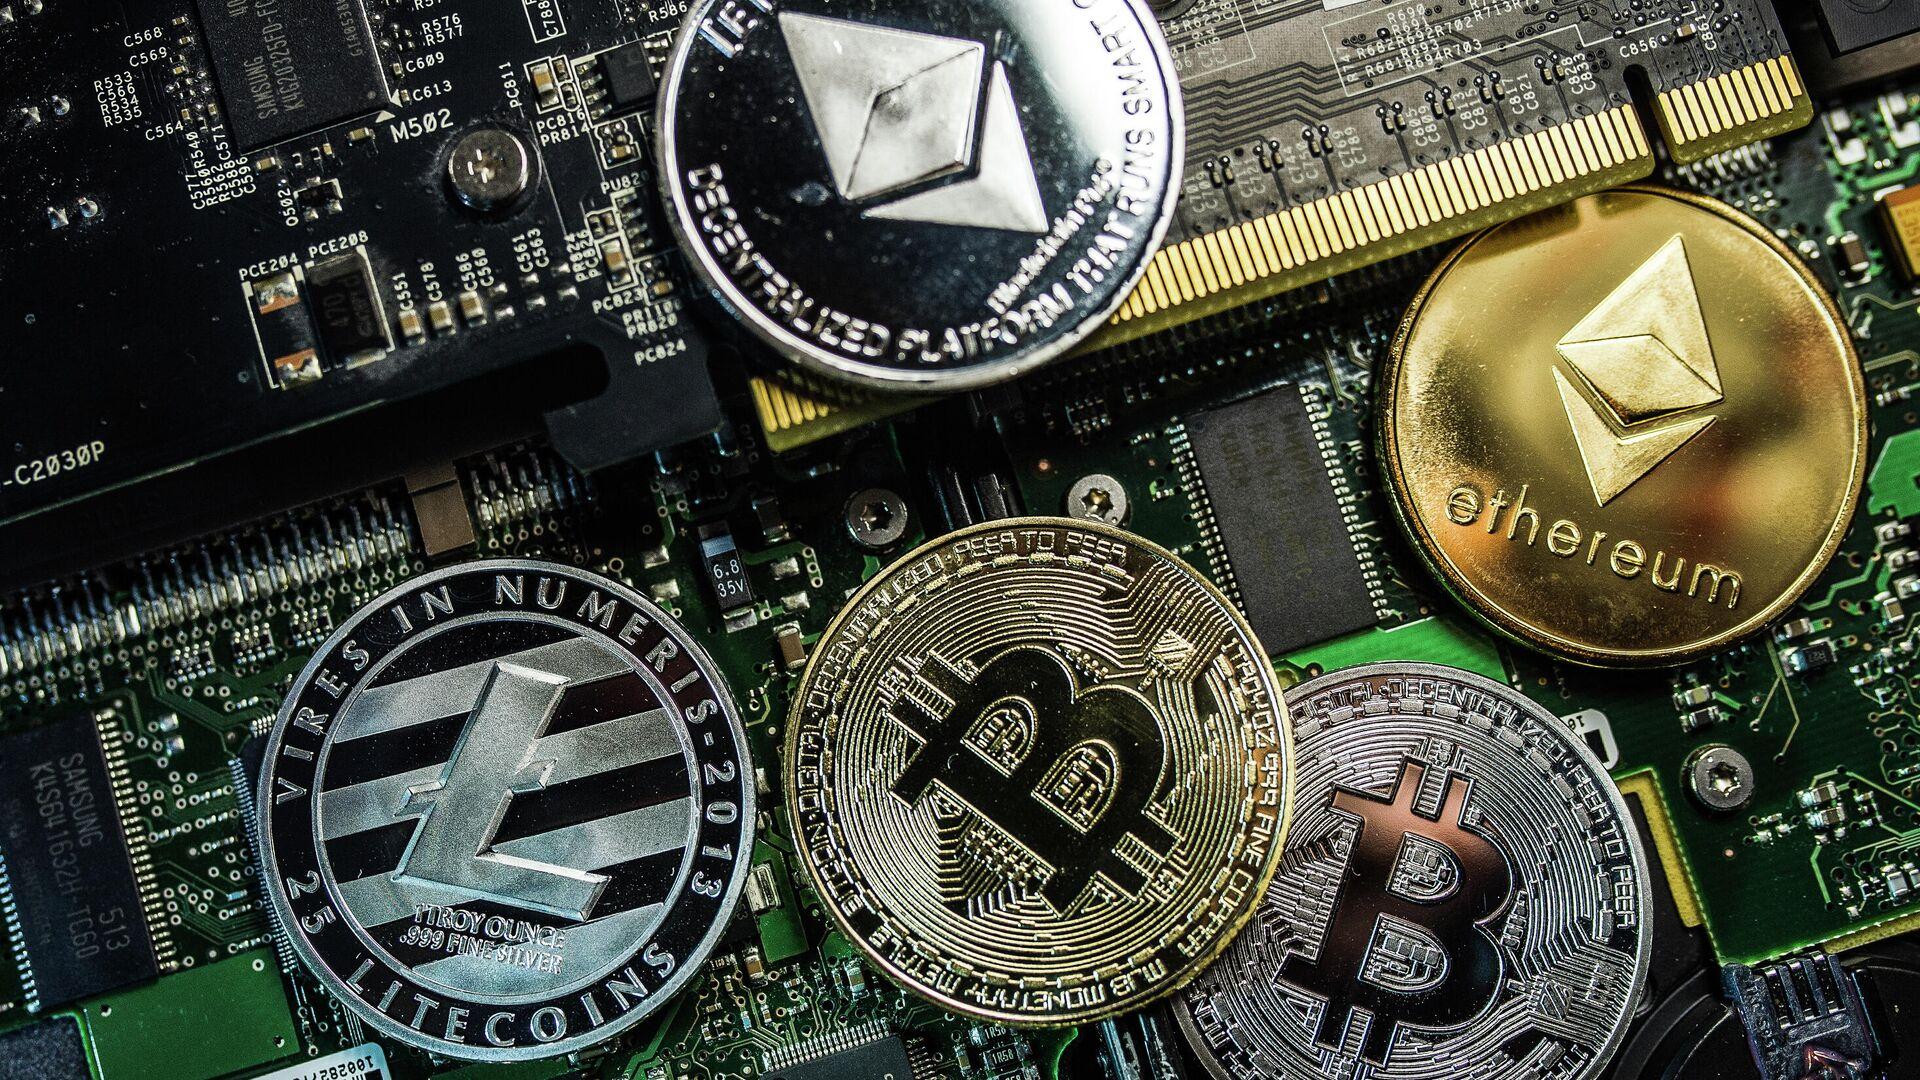 Сувенирные монеты с логотипами криптовалют Bitcoin, Litecoin и Ethereum. - Sputnik Армения, 1920, 17.09.2021